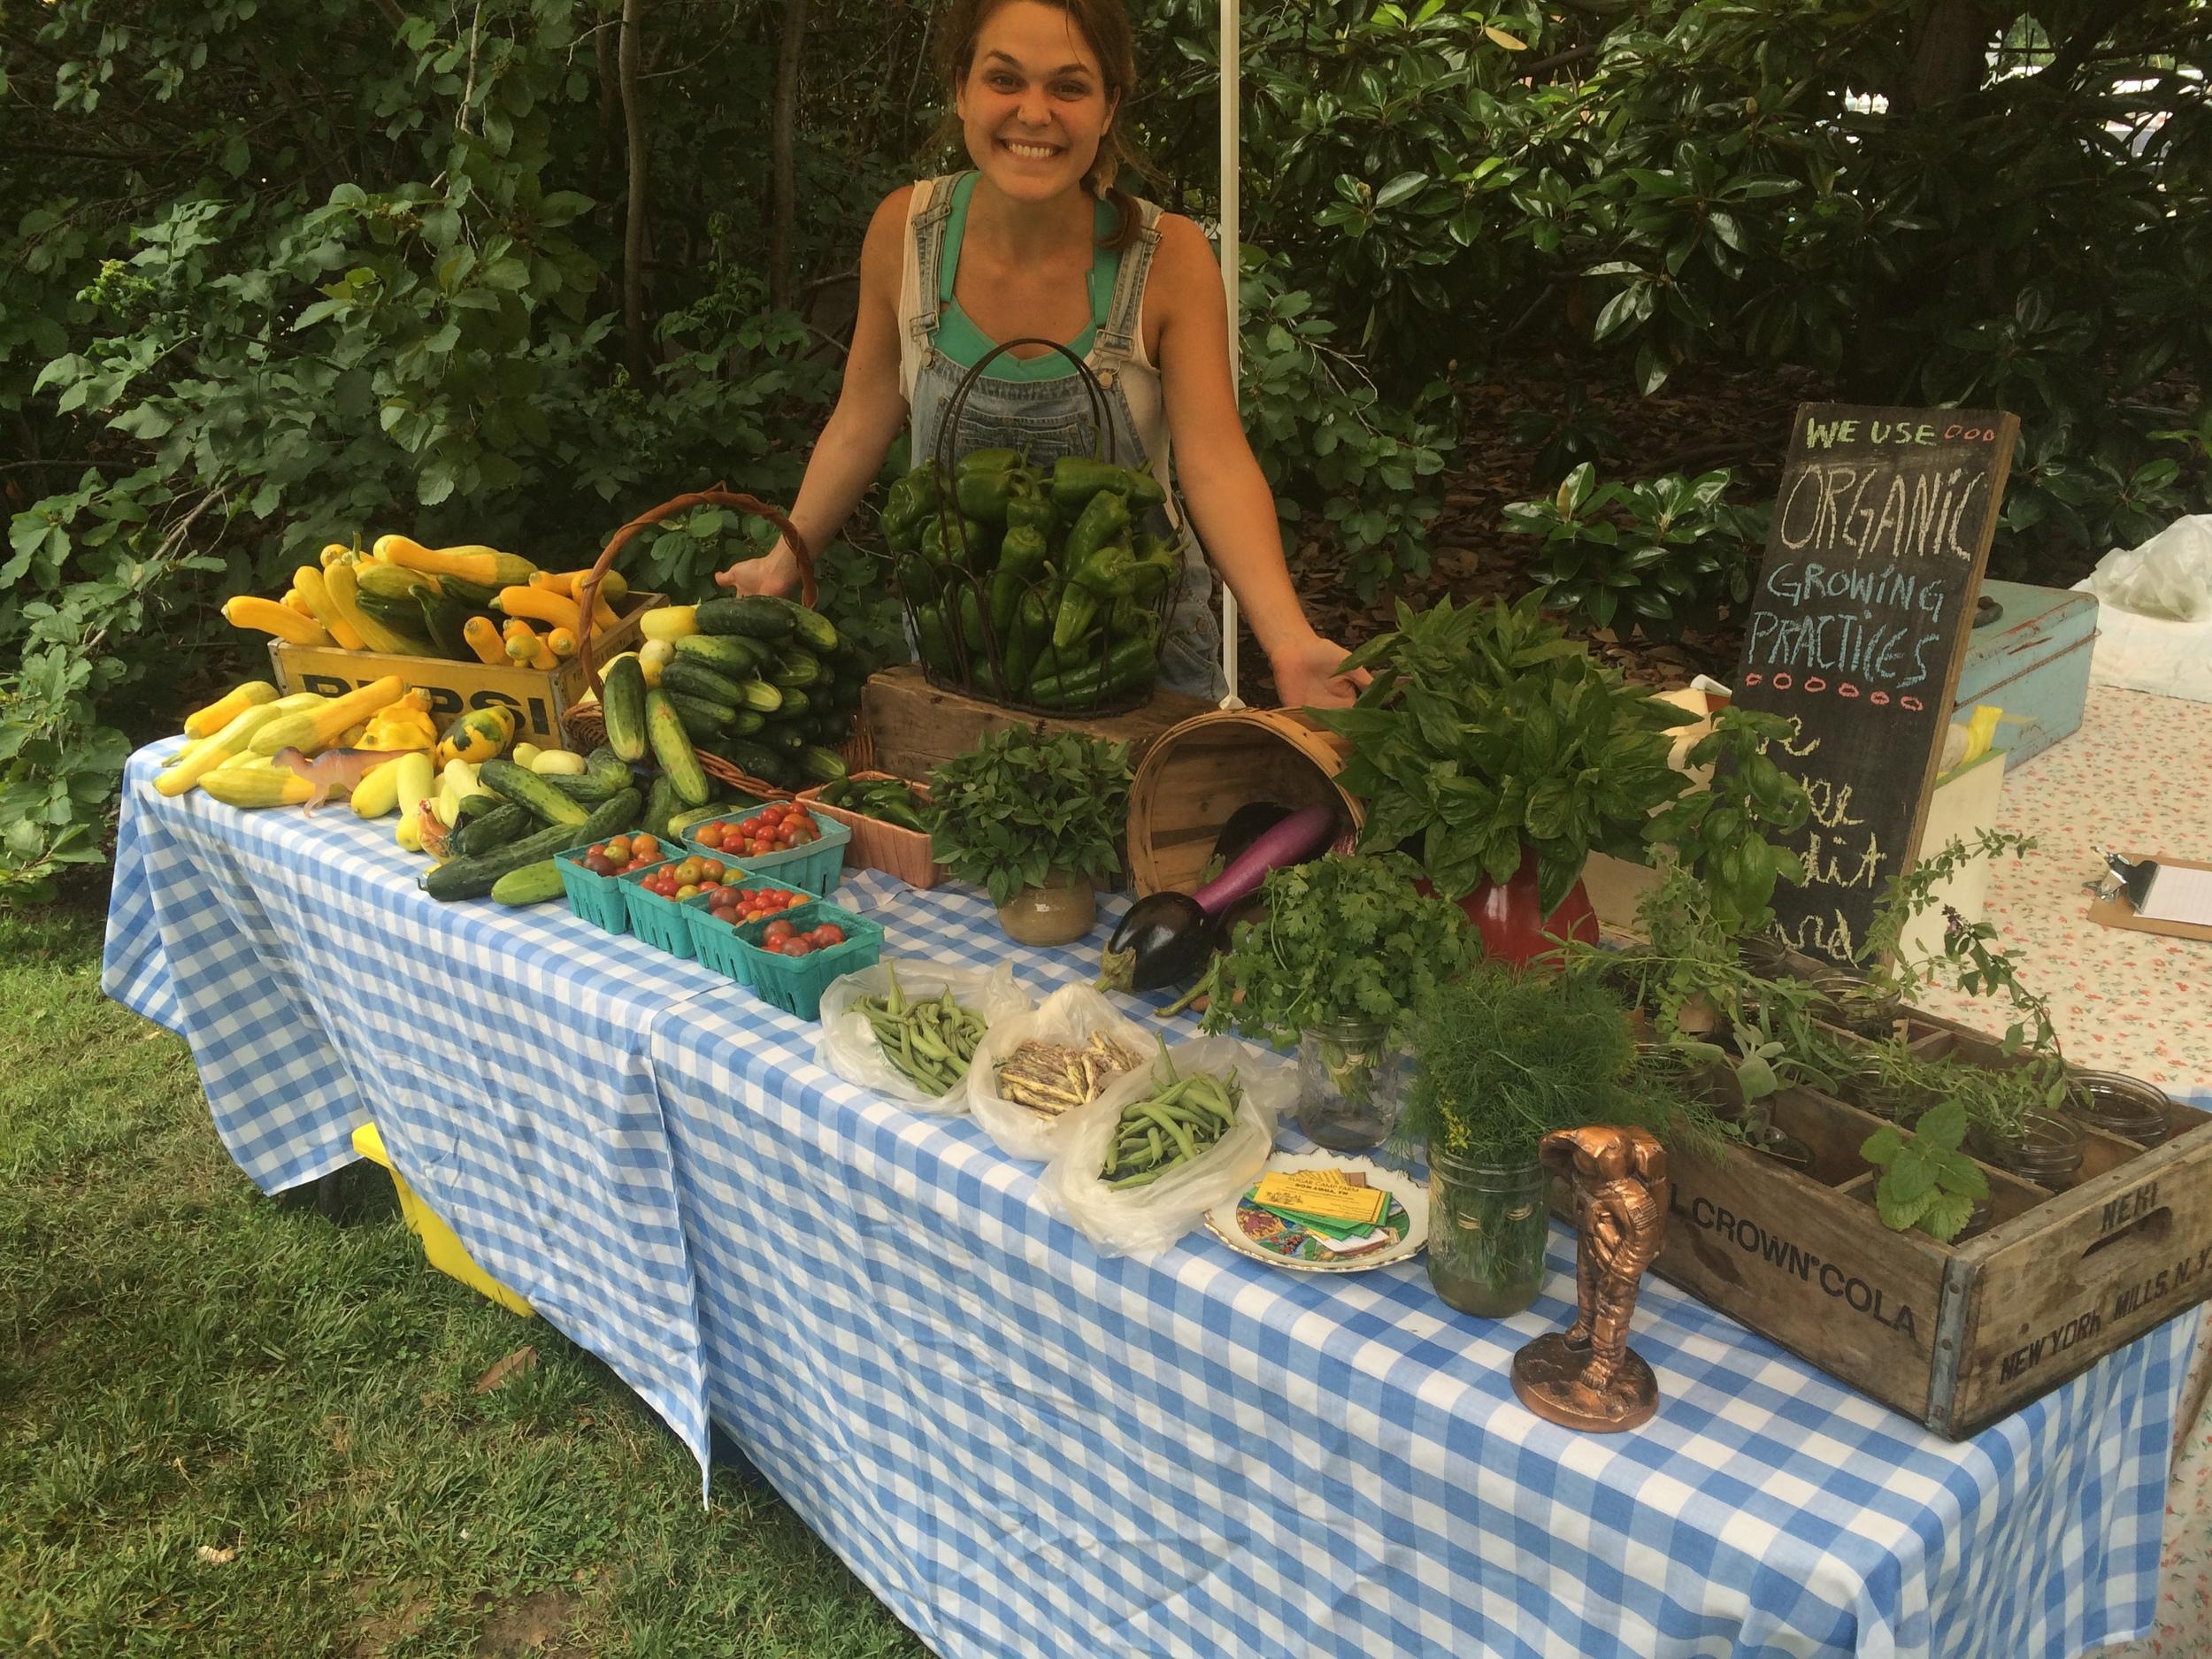 Cousin Sarah at the market!